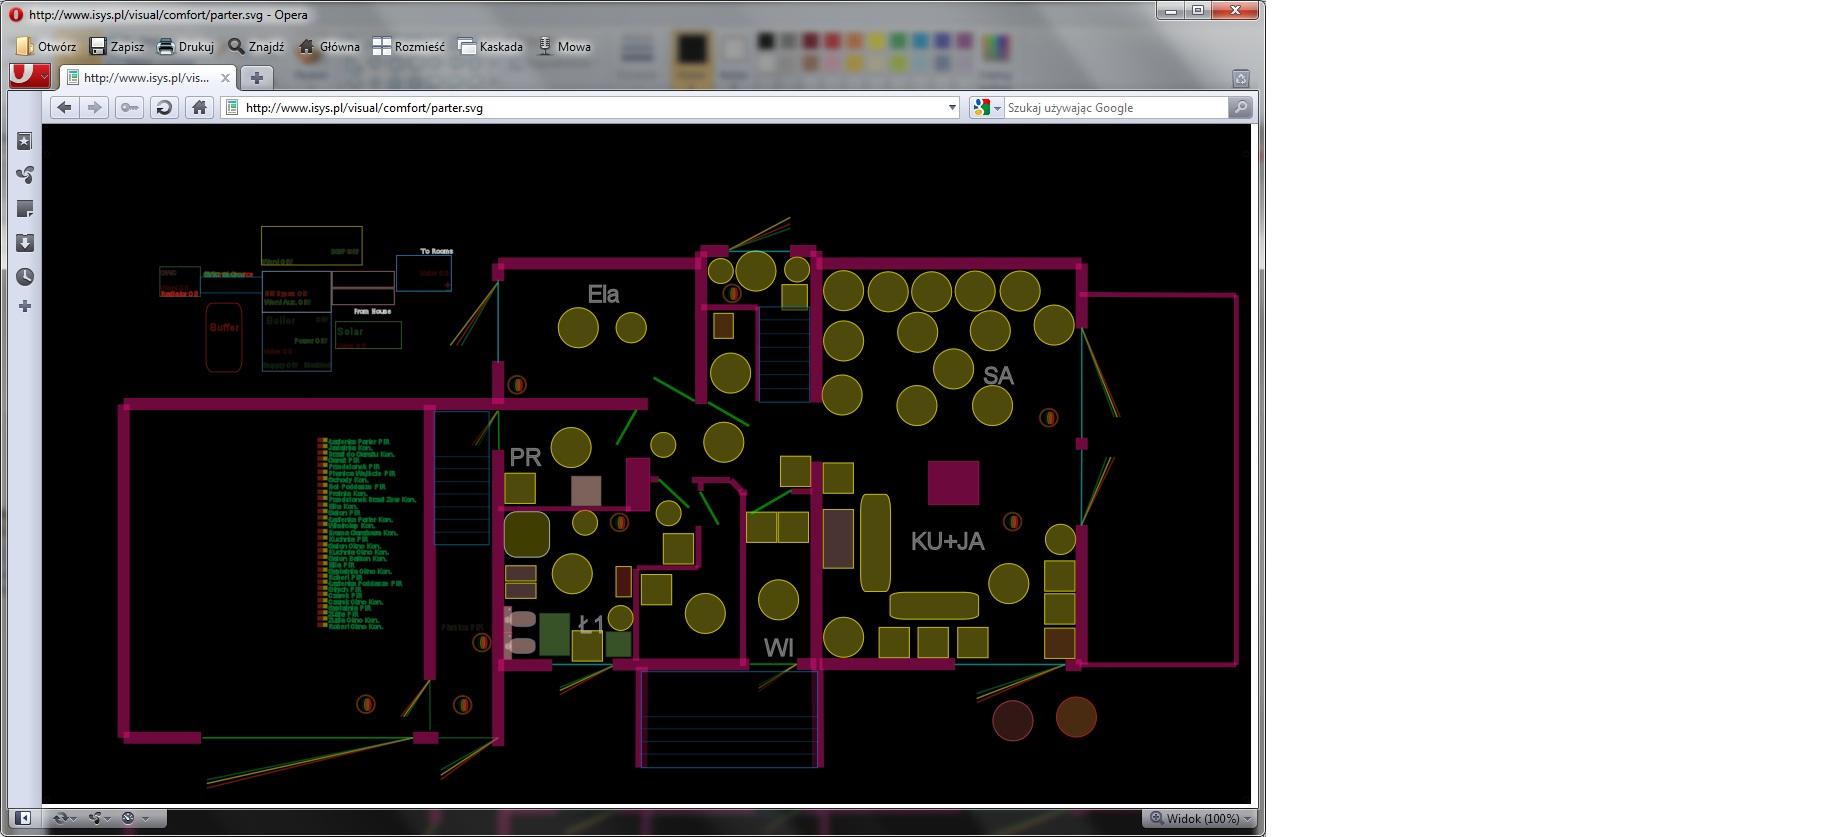 eHouse home automation . Kontrol af bygningen via en webbrowser (SVG) version af komfort til det samme projekt